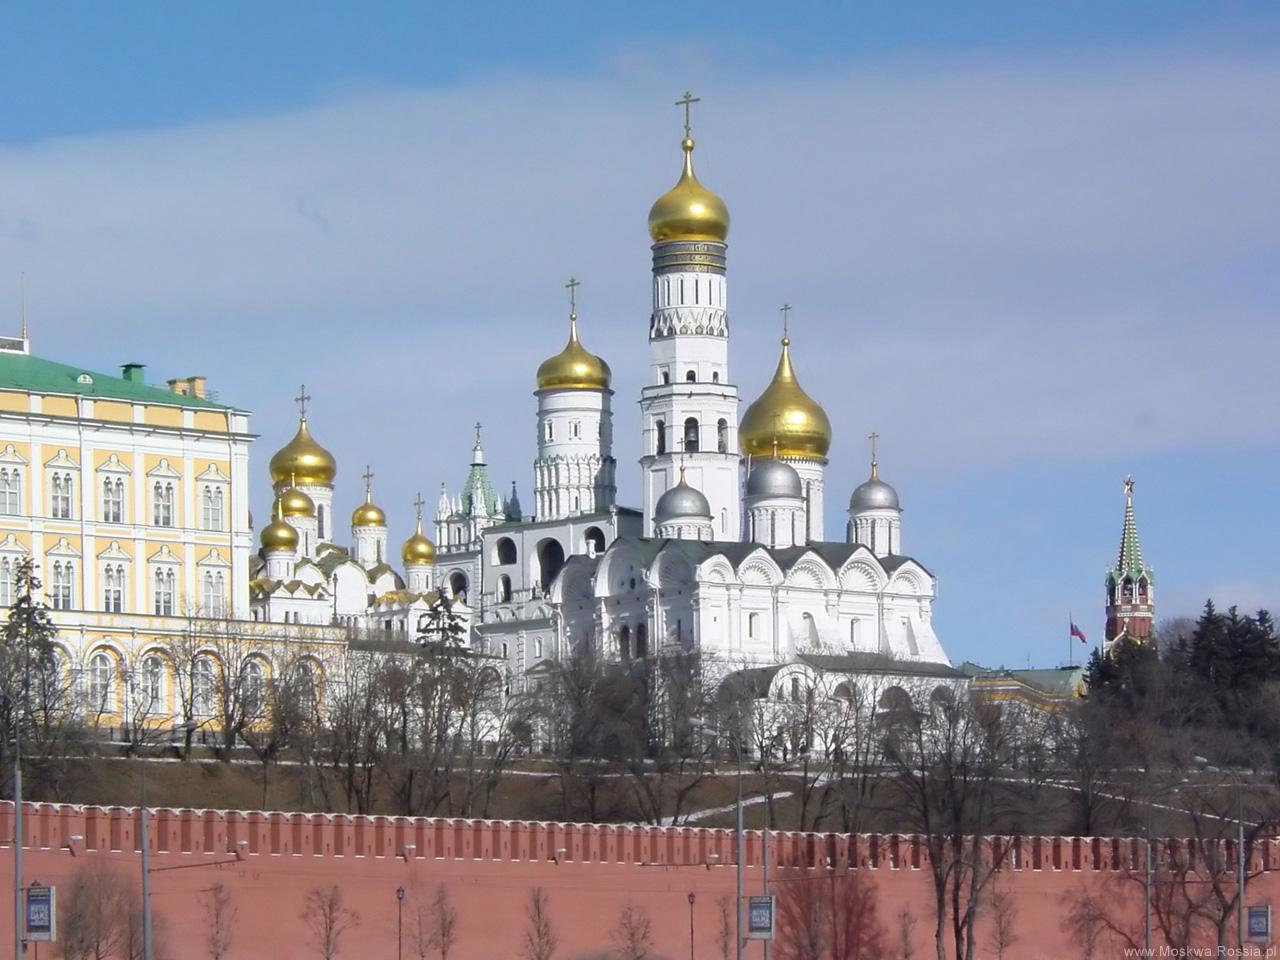 Колокольня Ивана Великого, Россия, Москва, Кремль.